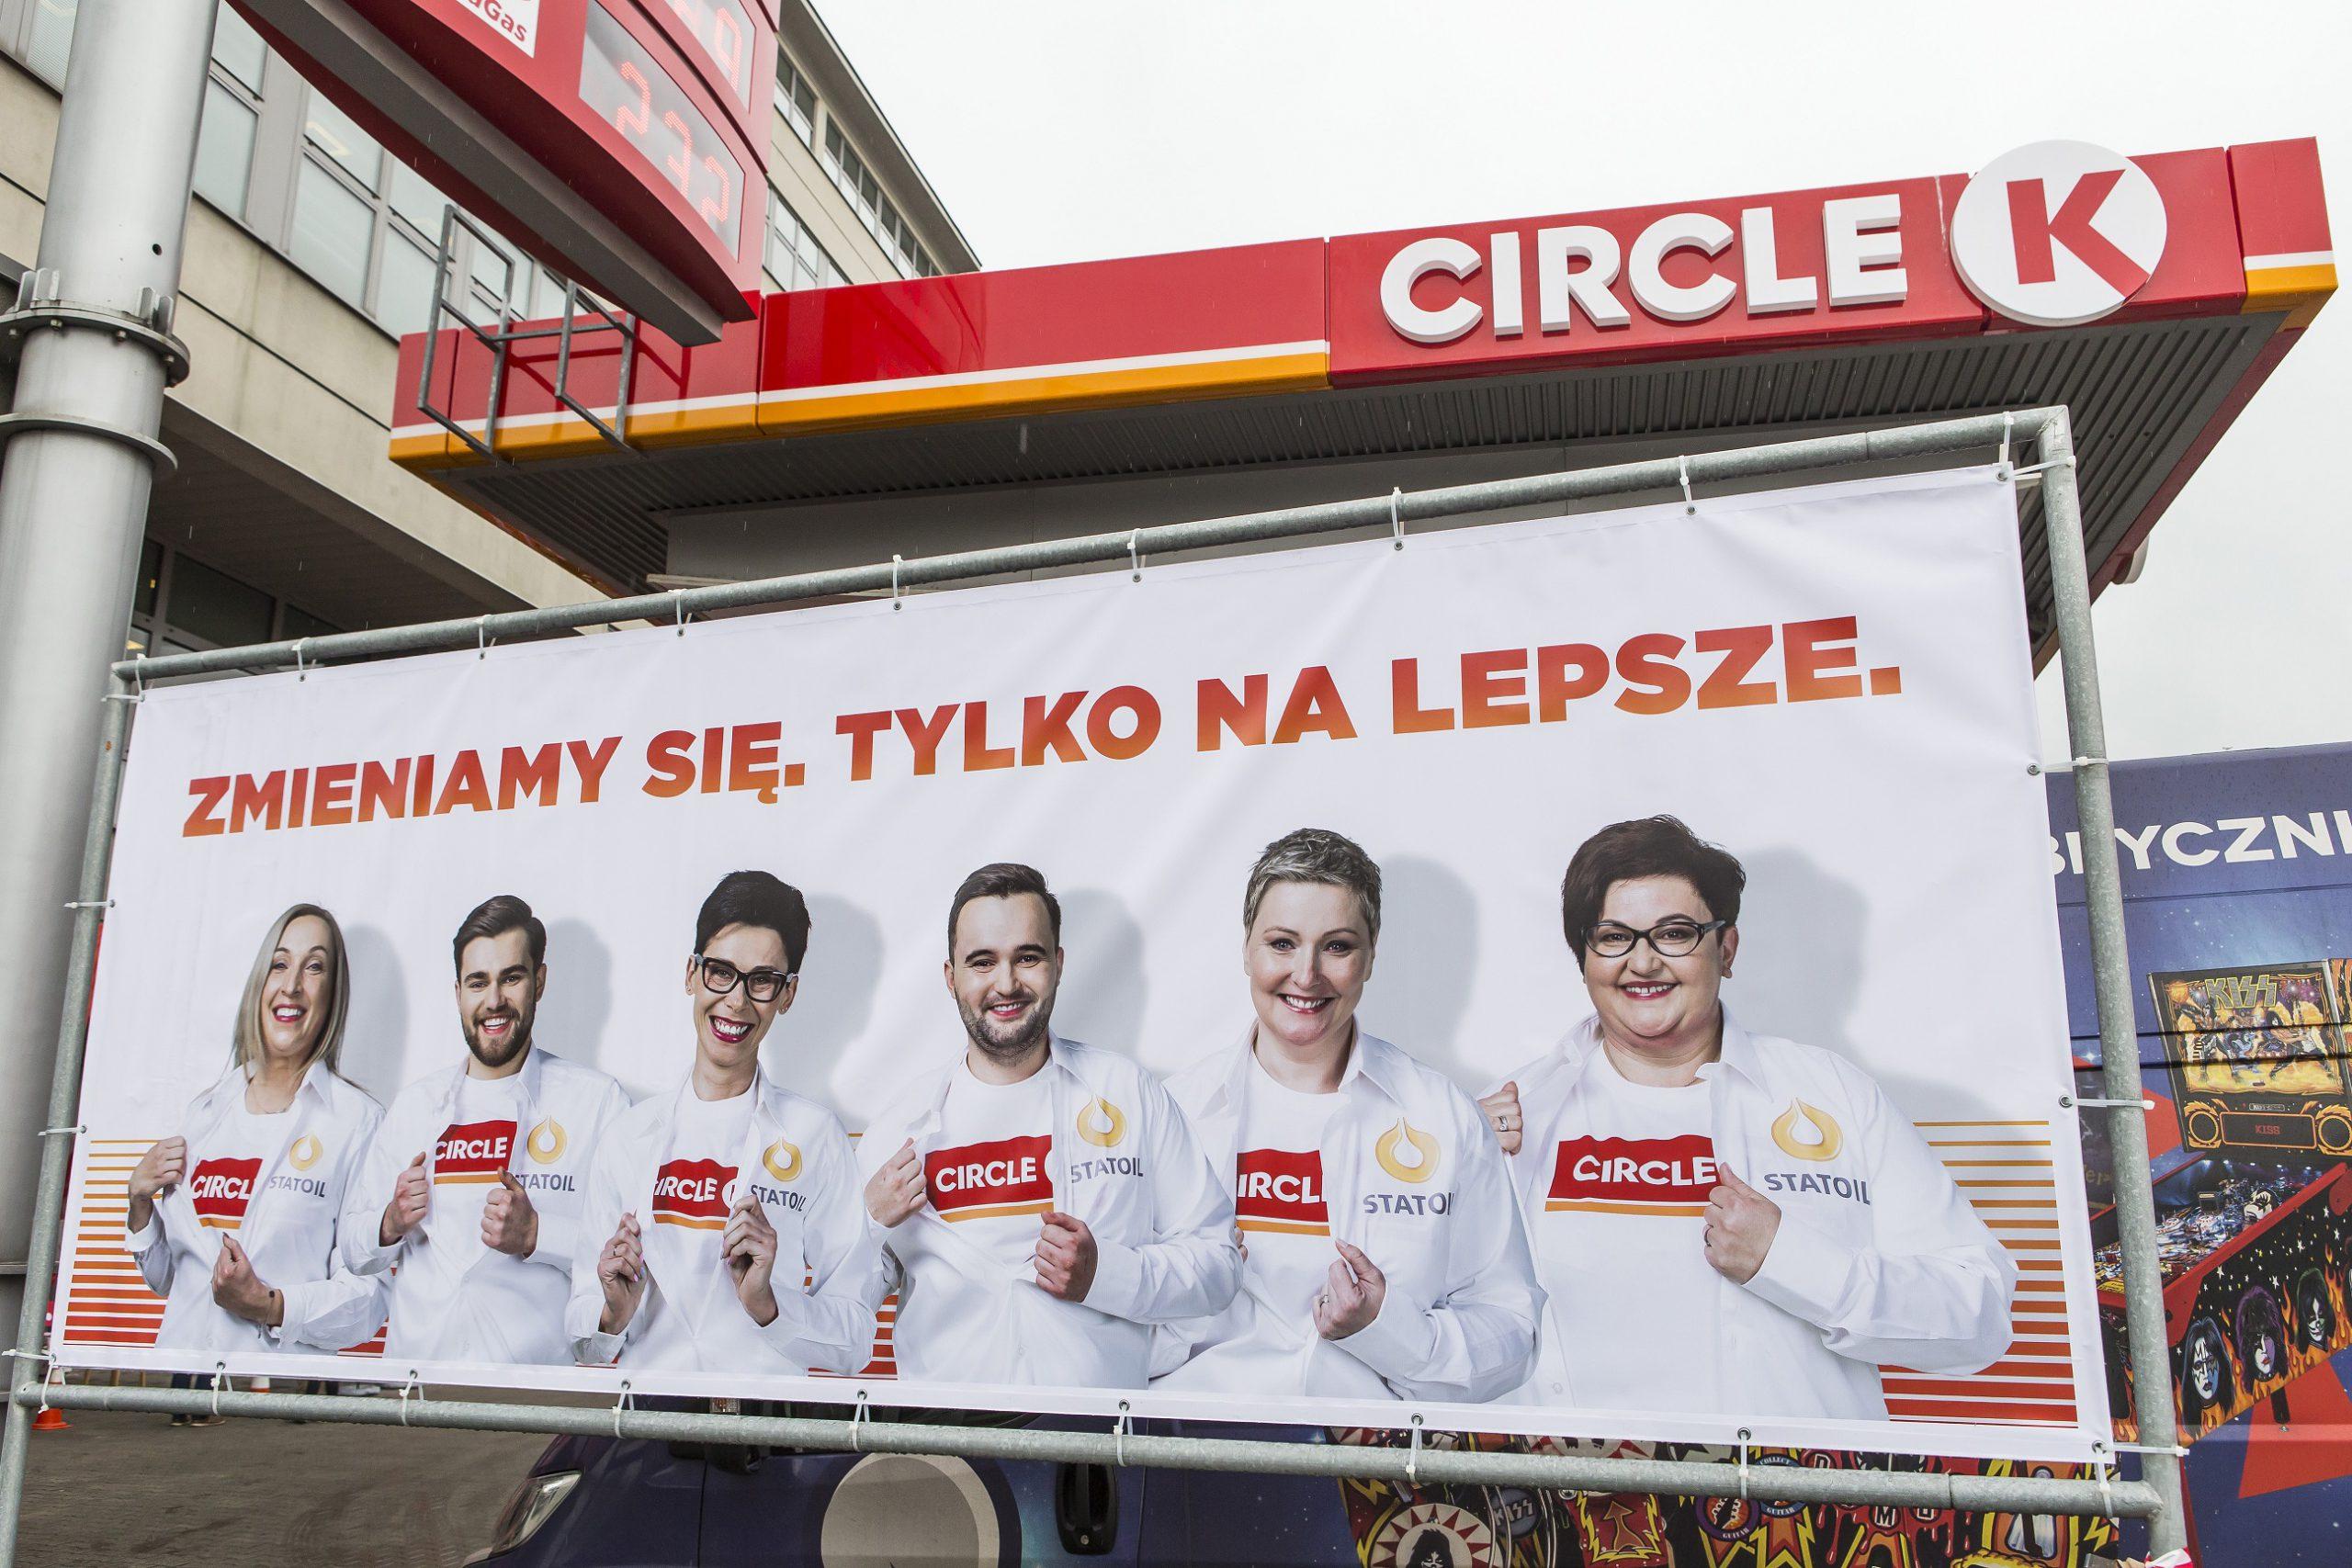 Stacje Statoil 1-2-3 zmieniają nazwę na Circle K Express